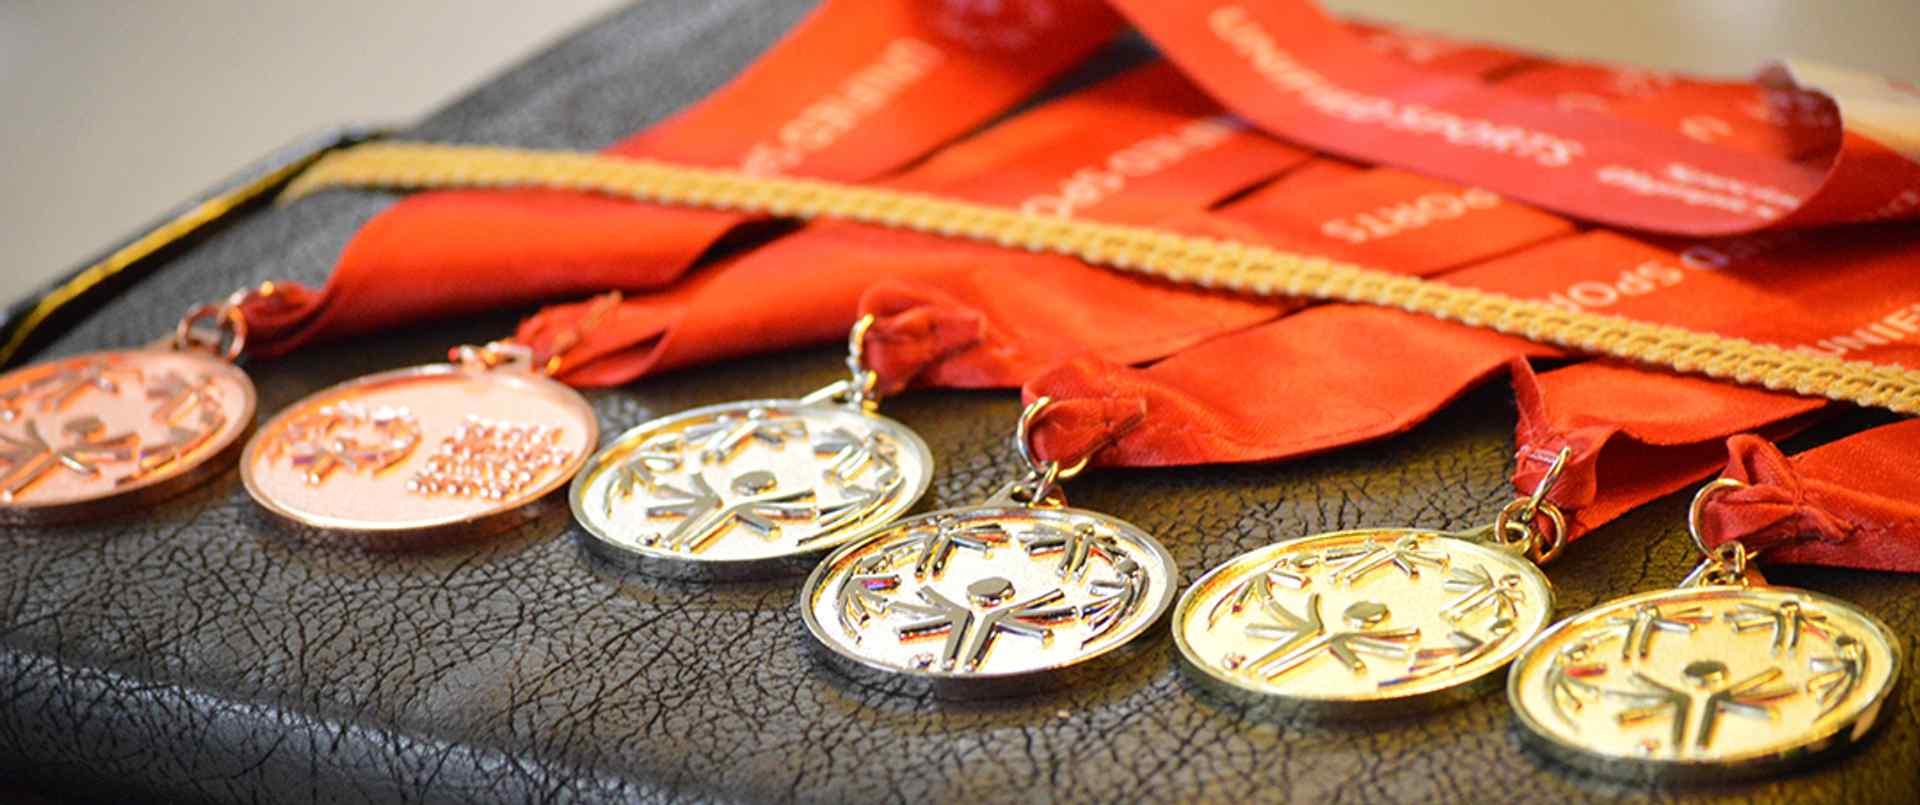 Local Hero Award Recipients